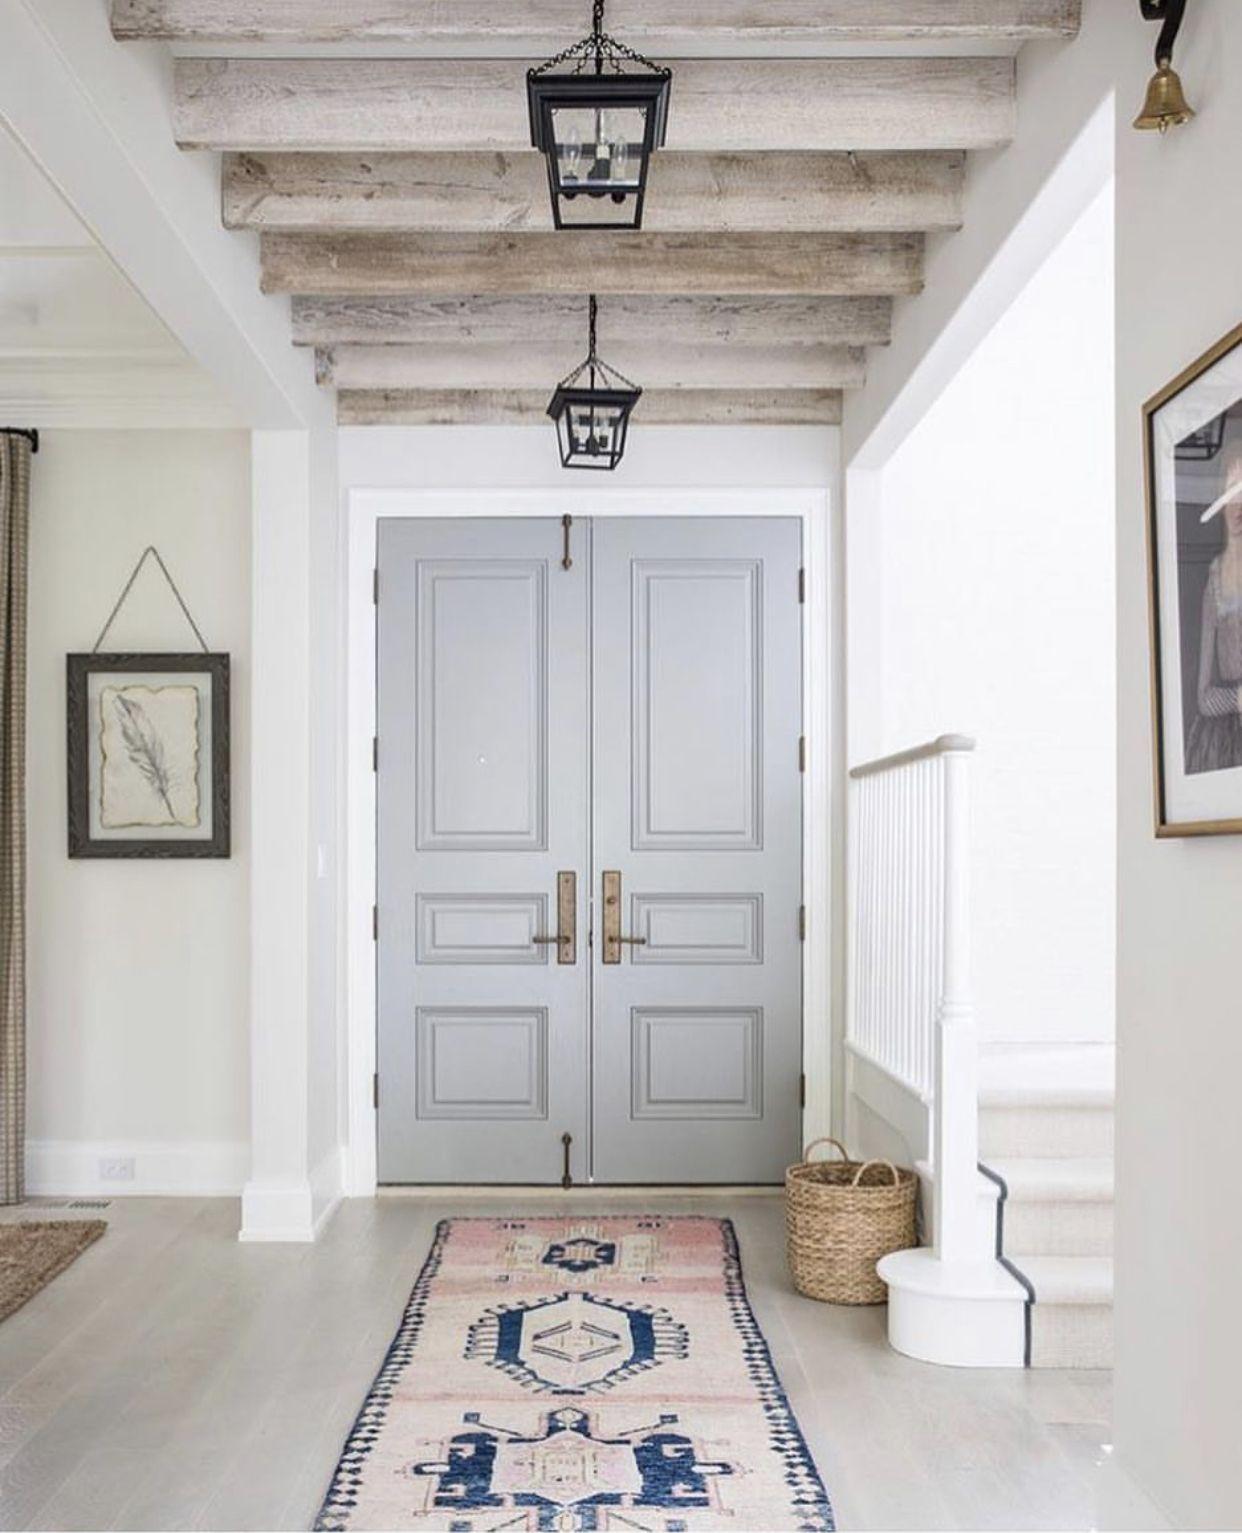 Dipingere Le Porte Di Casa 7 motivi per dipingere le porte di casa (with images